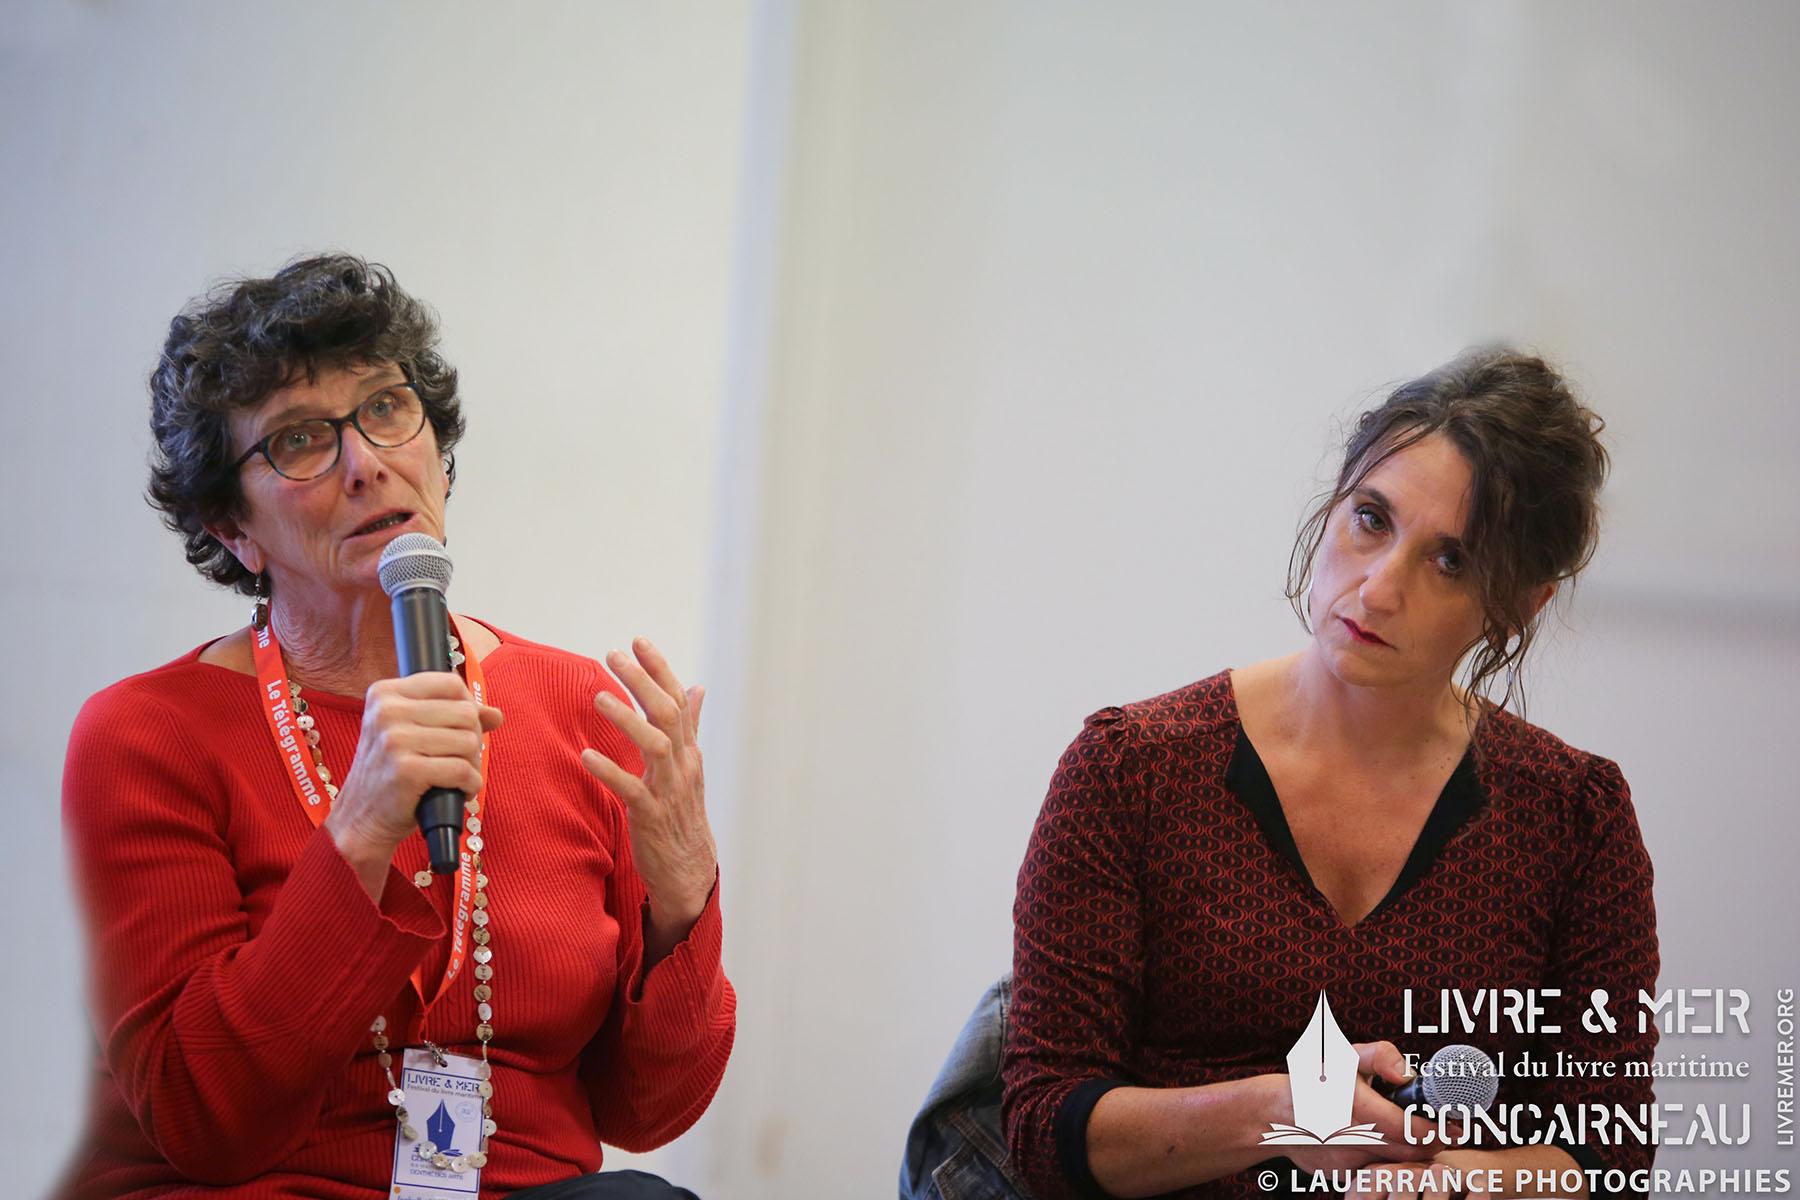 Isabelle Autissier & Anne Zobolas © Lauerrance Photographies